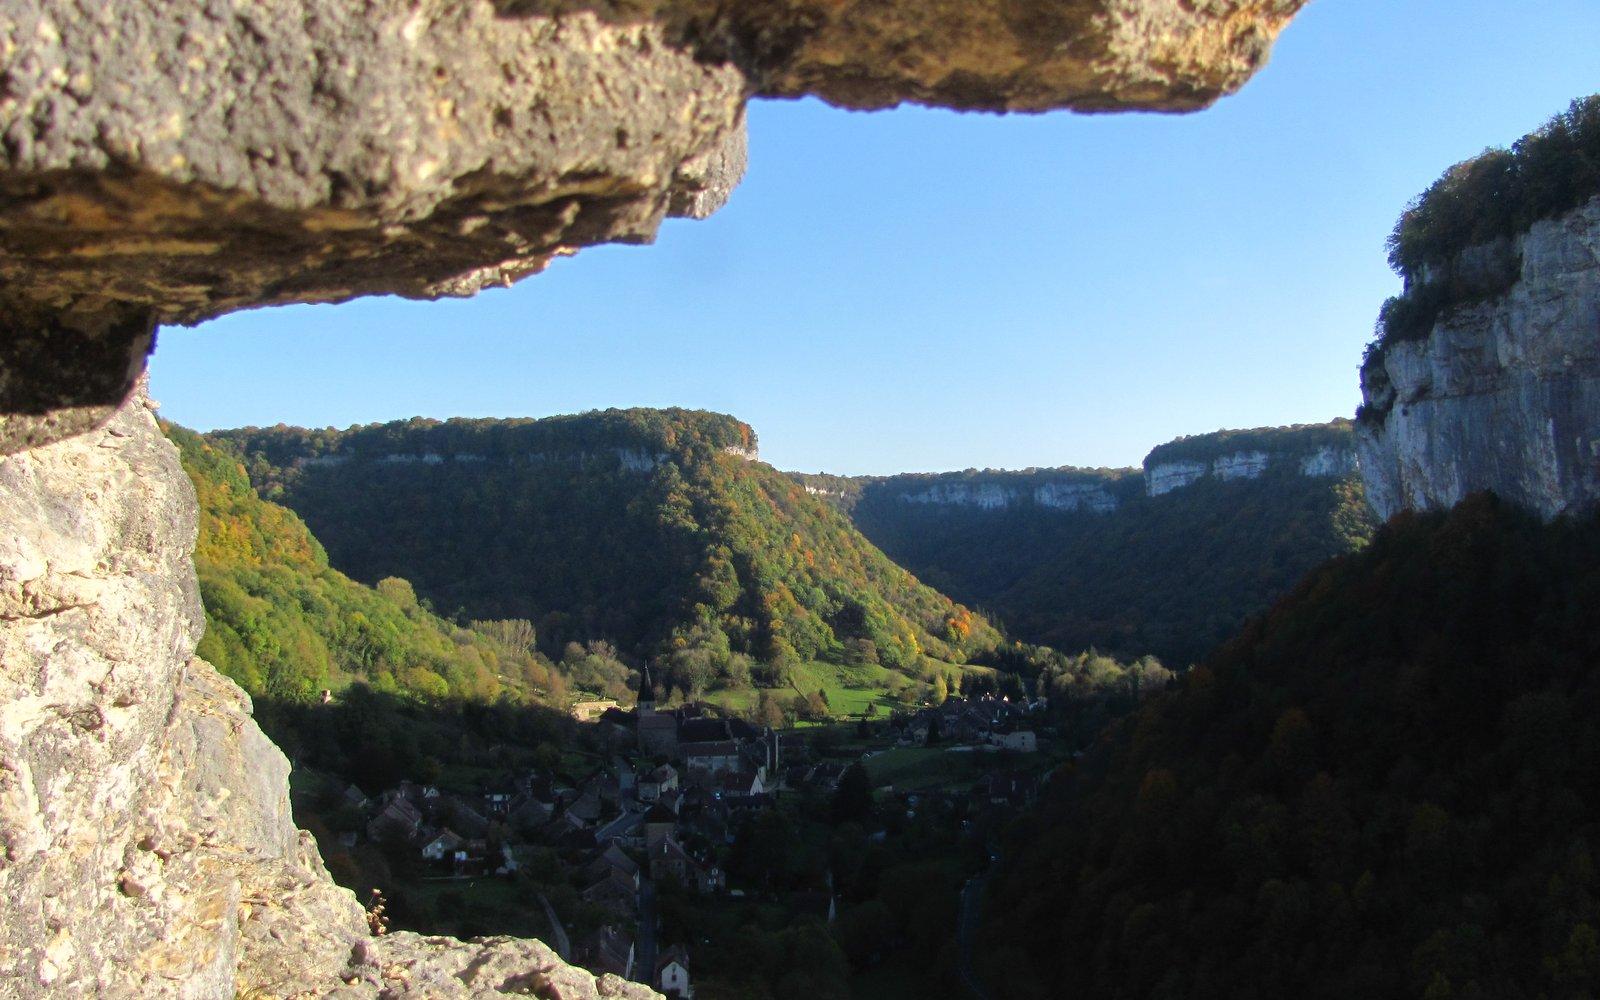 Parmi les lieux les plus spectaculaires de France